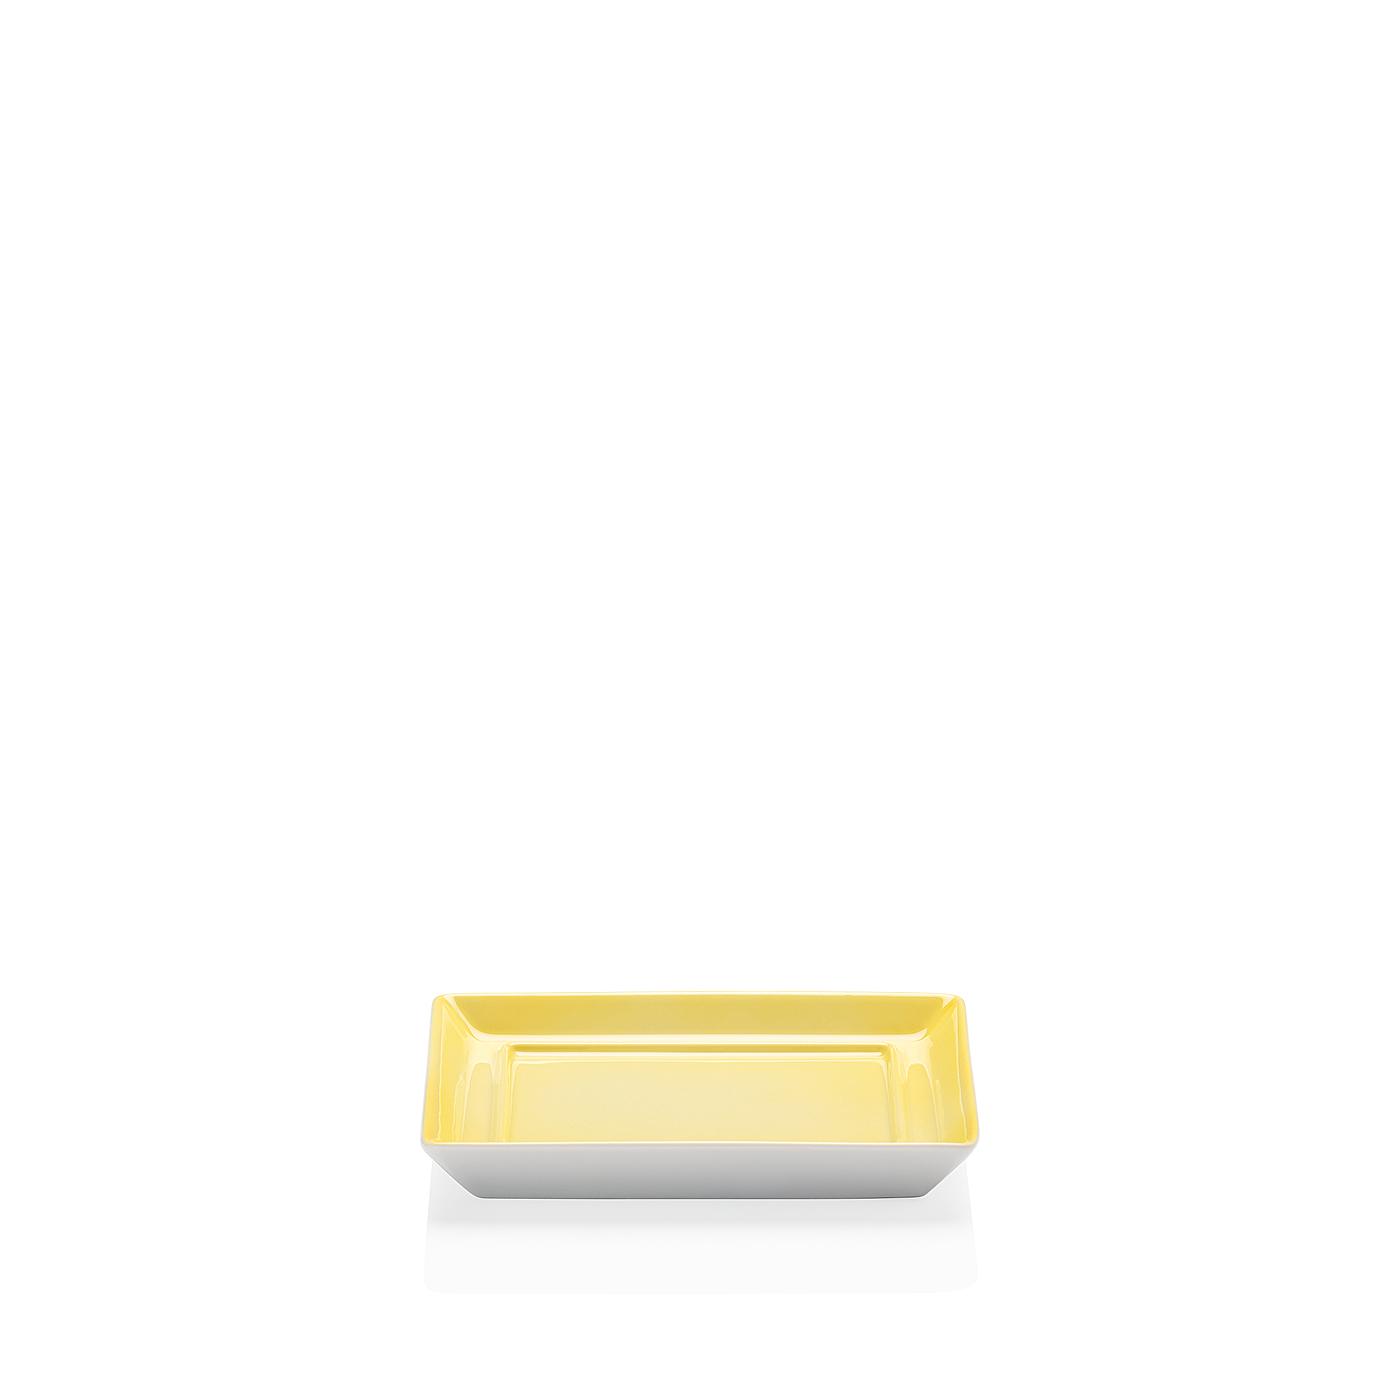 Butterdose Unterteil Tric Gelb Arzberg